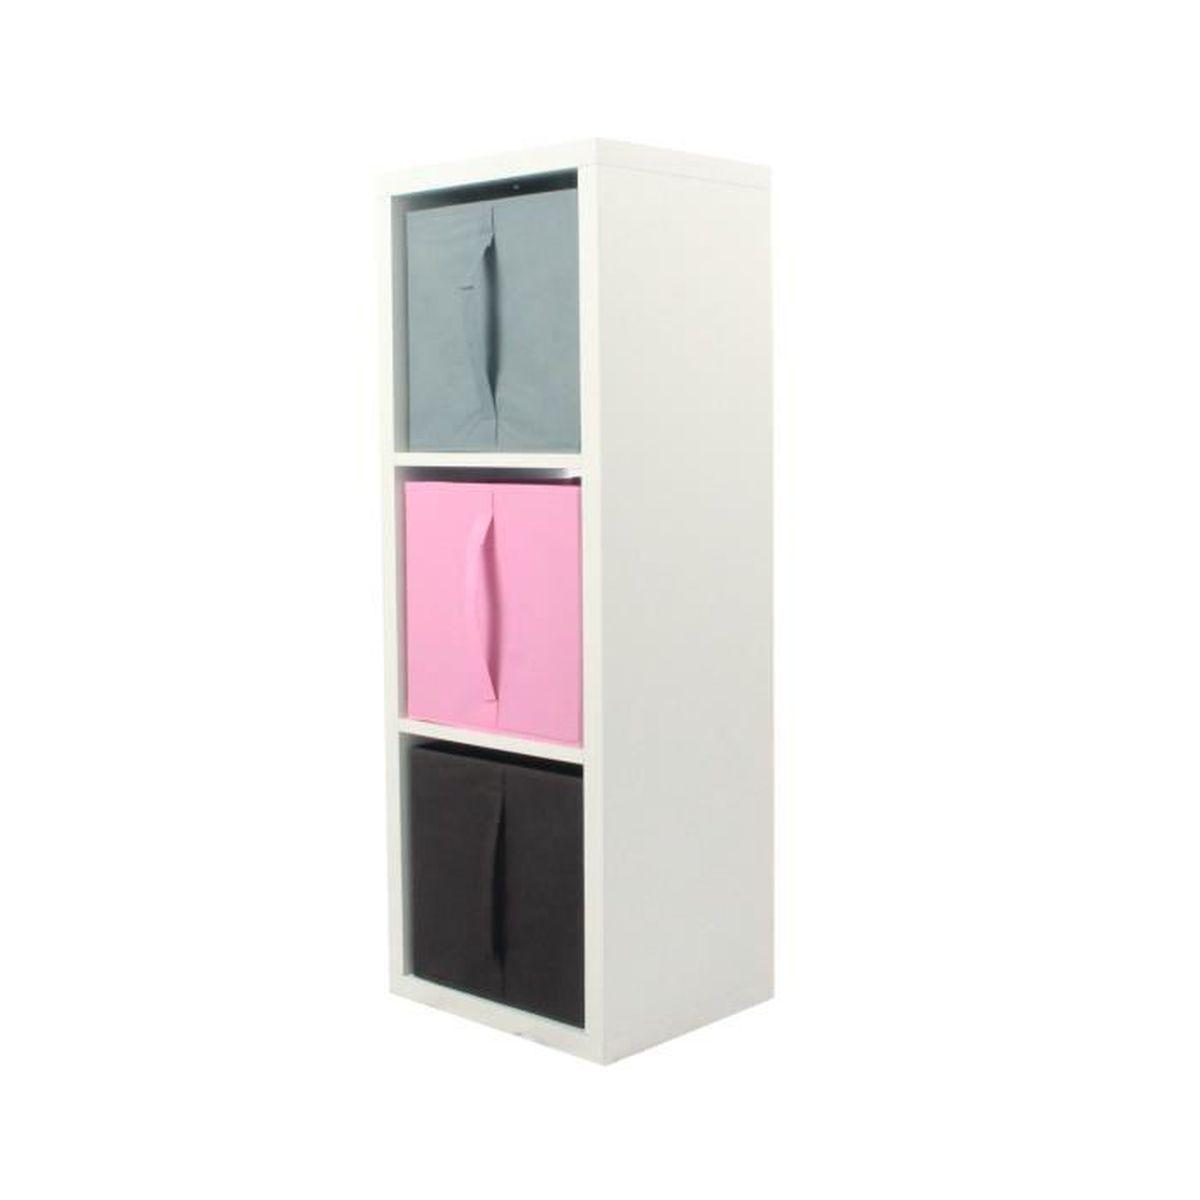 MEUBLE ÉTAGÈRE COMPO Meuble De Rangement 3 Cases + 3 Cubes Rose/G